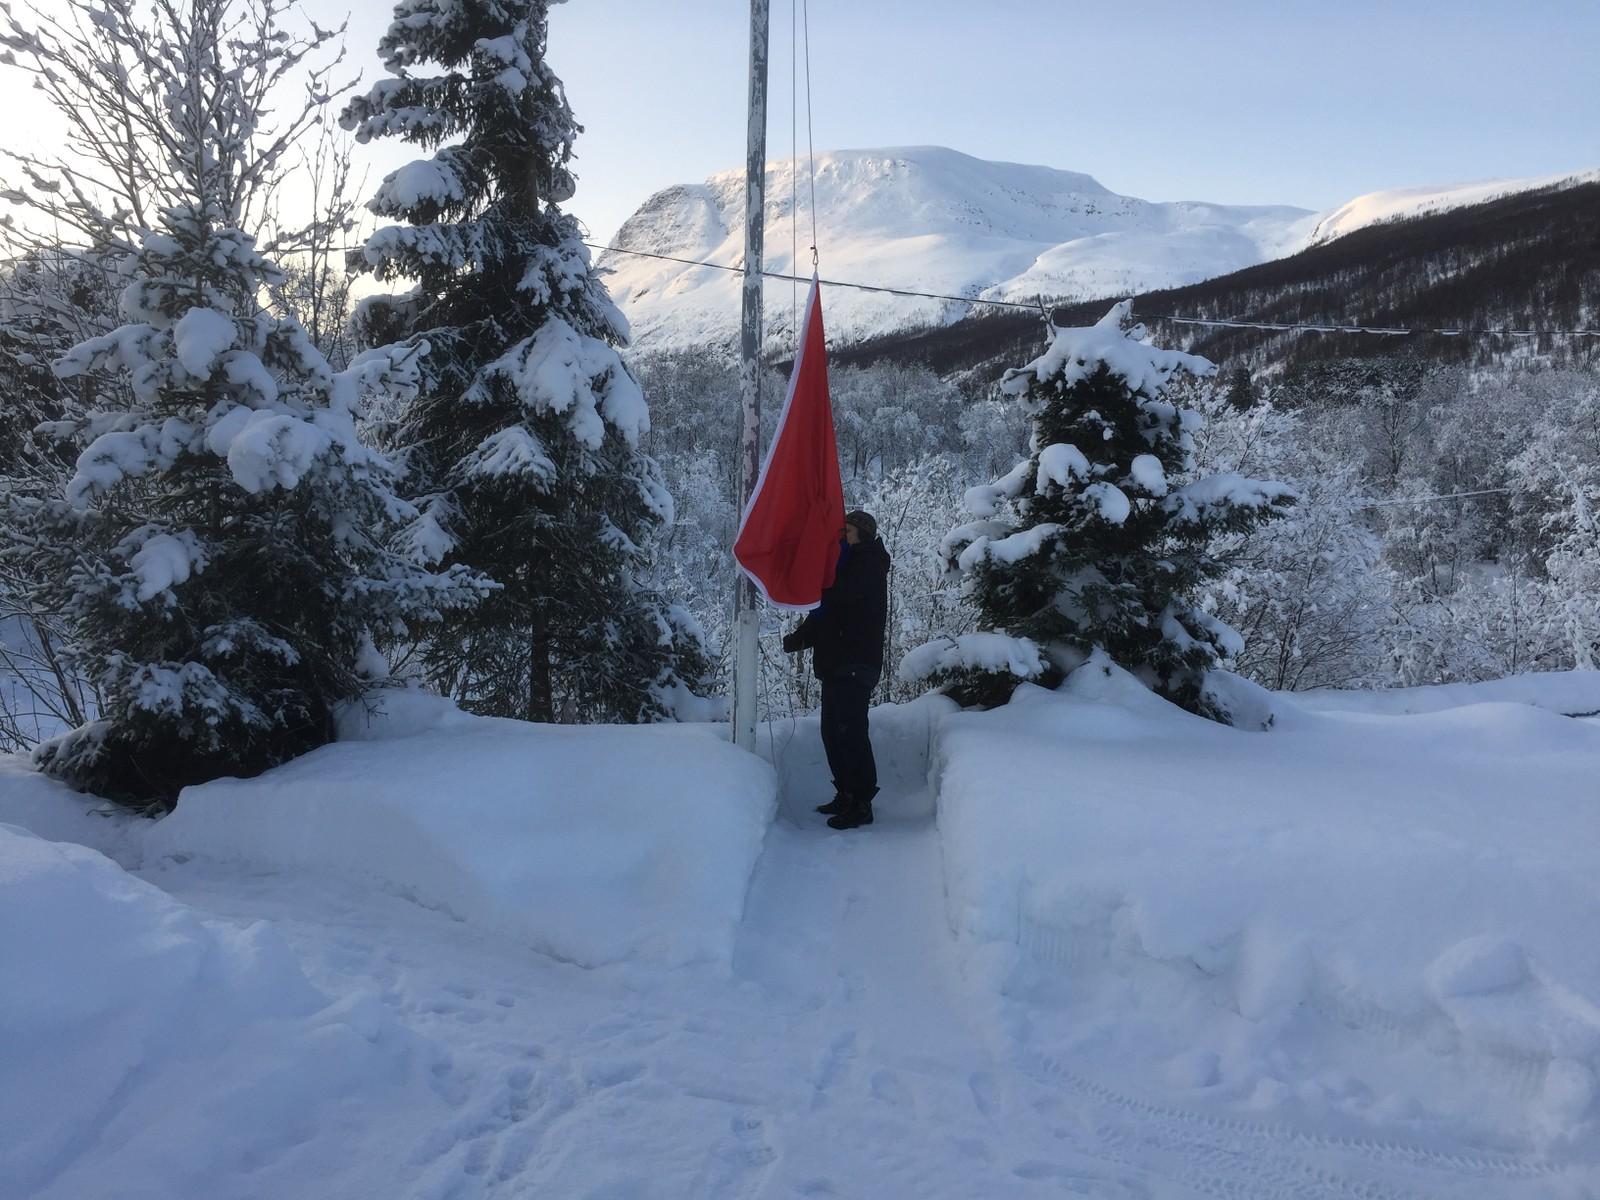 Vaktmesteren i Manndalen i Kåfjord måtte heise det samiske flagget alene, muligens fordi den store dagen blir arrangert på en lørdag?